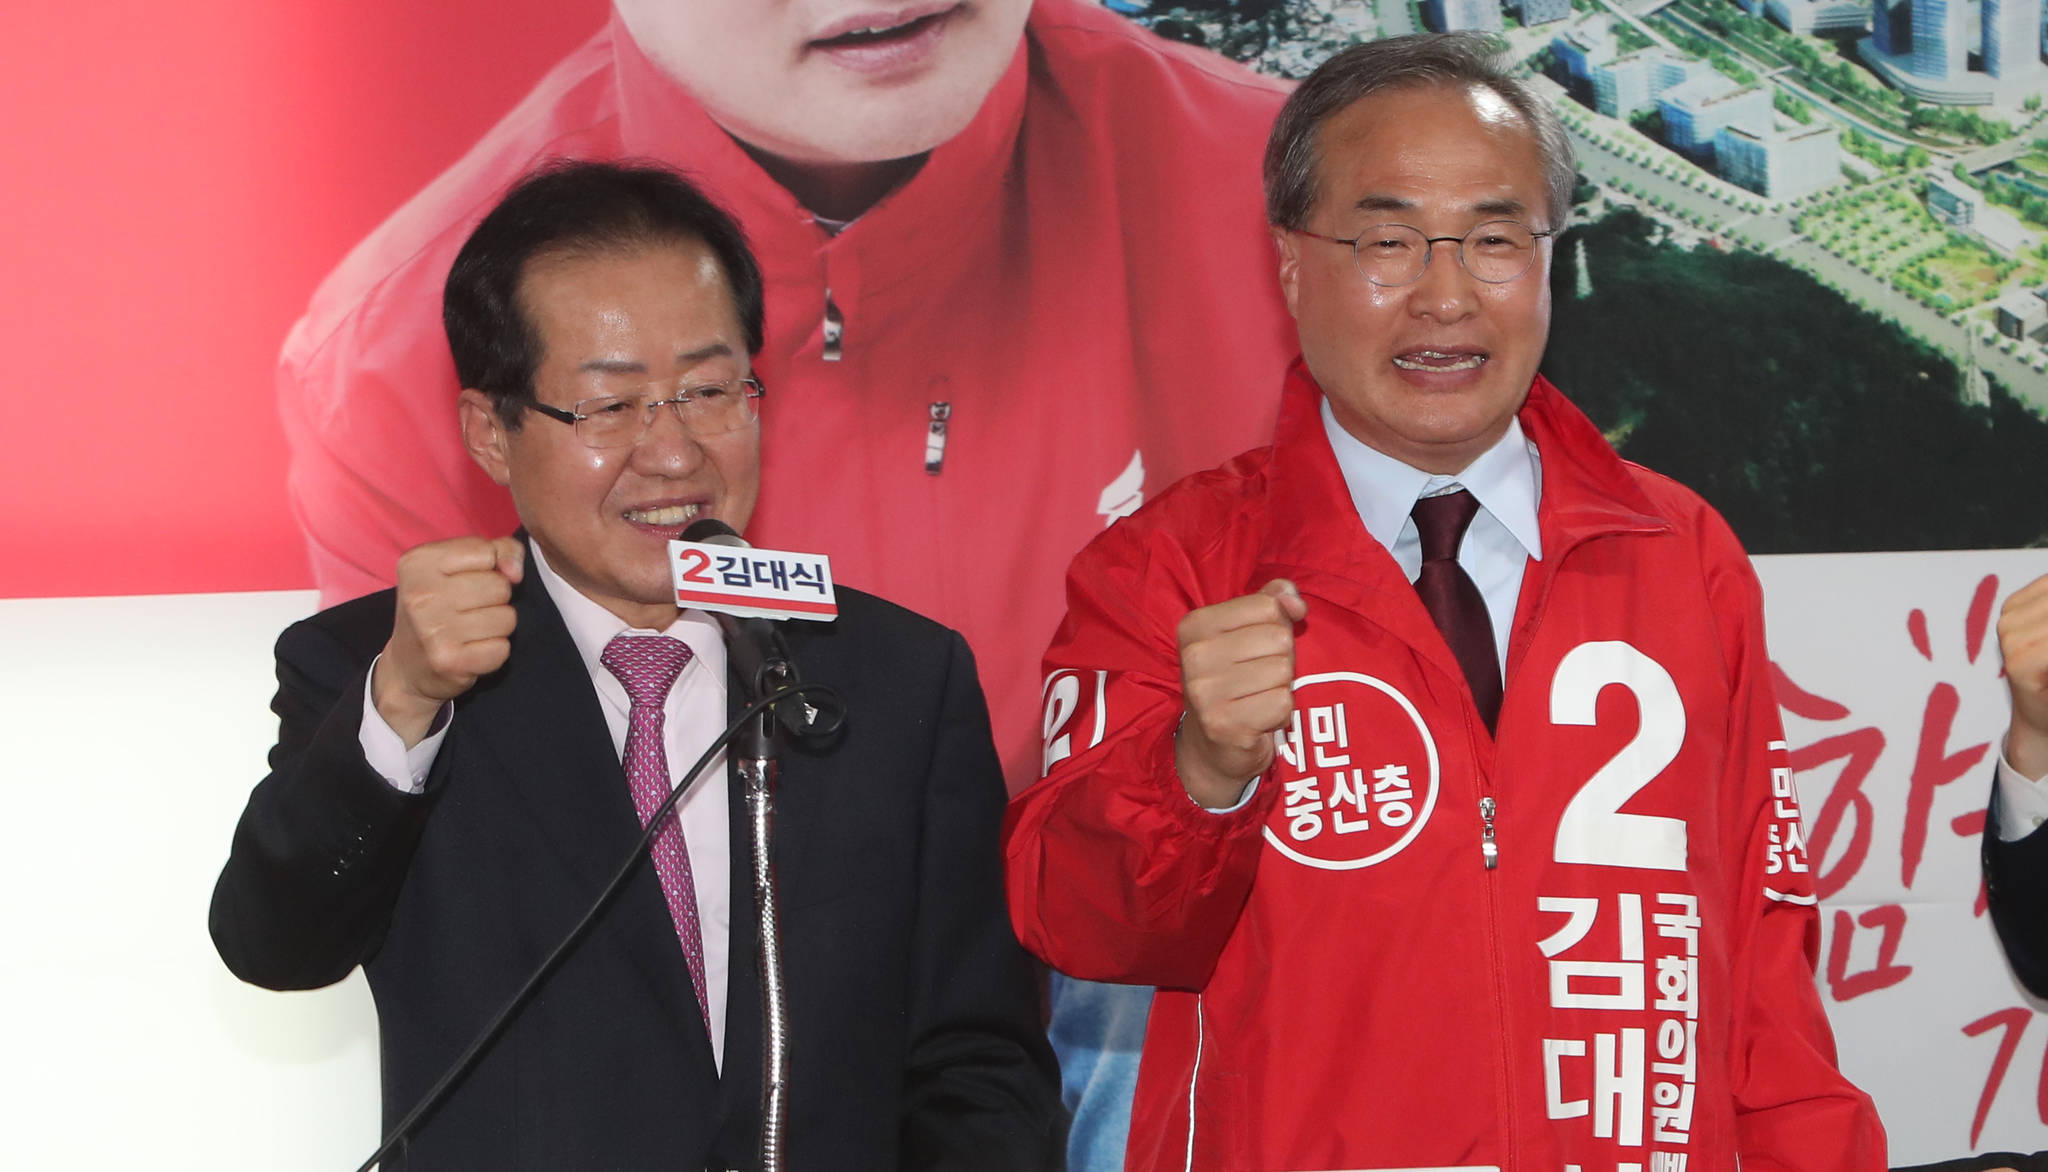 지난 6.13 지방선거에서 해운대구을 재보선에 출마한 김대식 여의도연구원장(오른쪽).